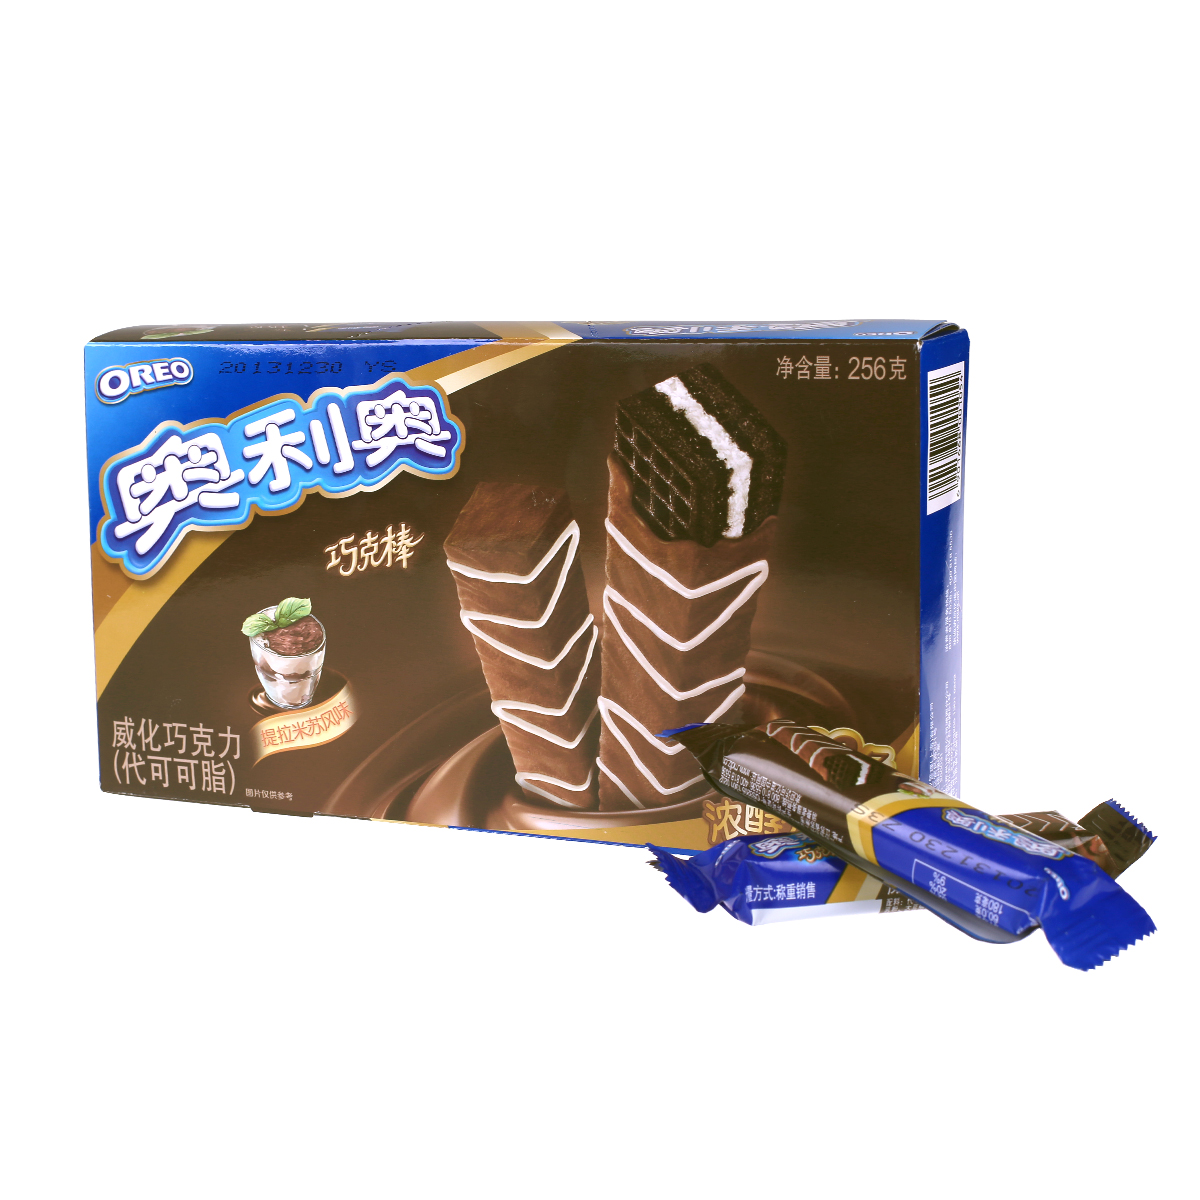 億滋奧利奧巧克棒威化巧克力提拉米蘇口味256g